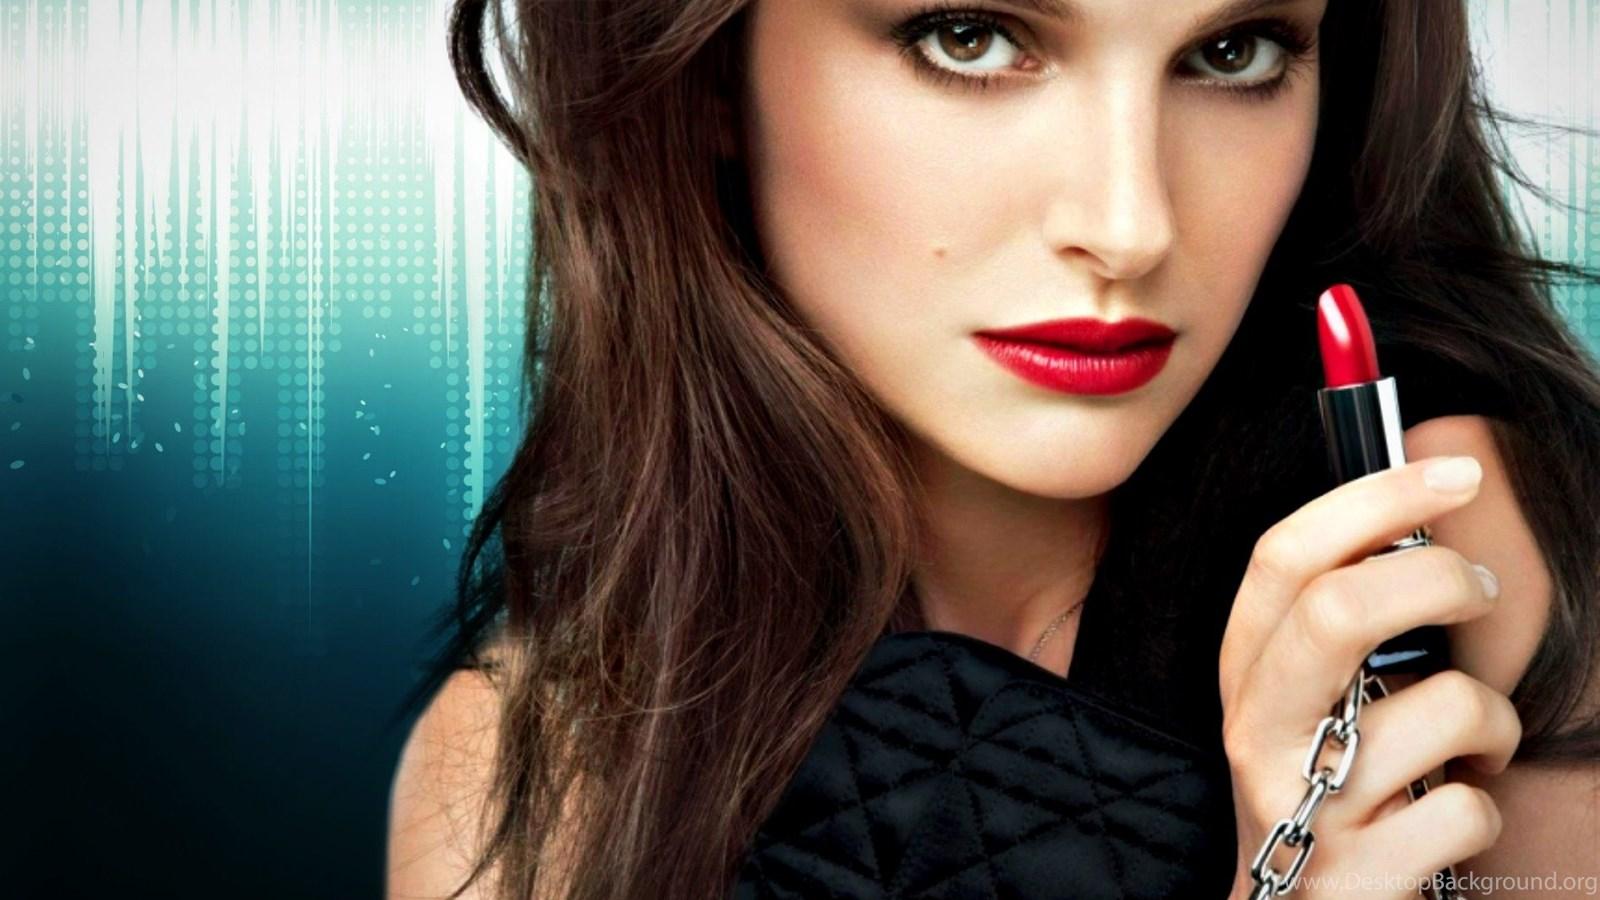 Natalie Portman Wallpapers Hd Desktop And Mobile Backgrounds: Natalie Portman HD Desktop Wallpapers Desktop Background